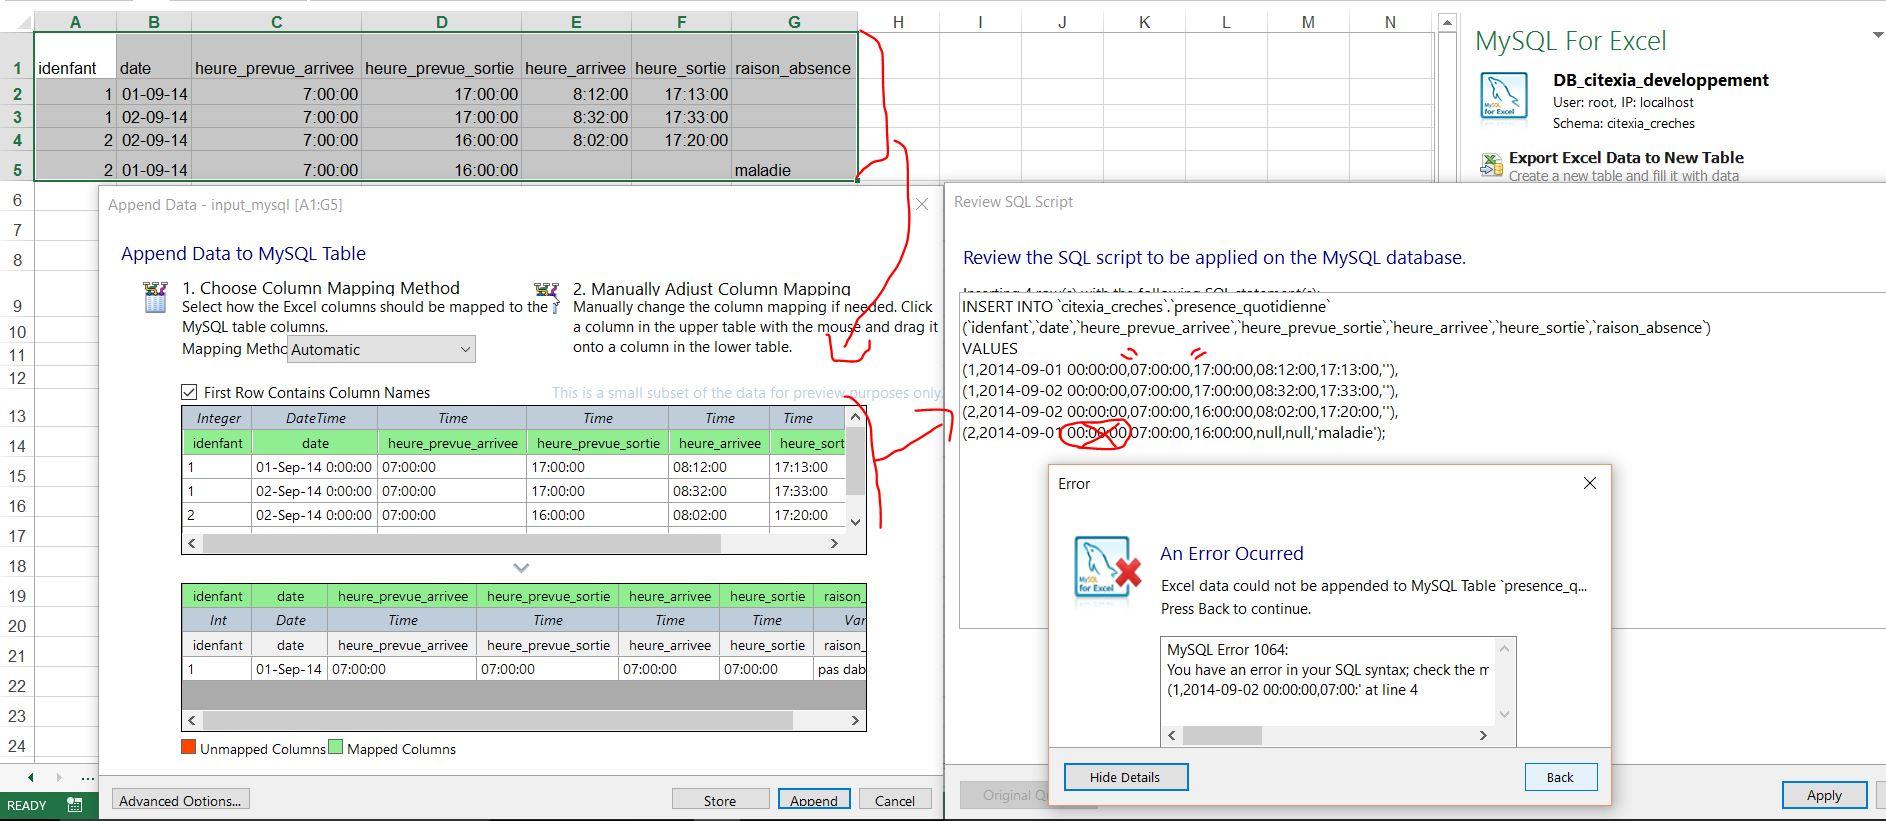 MySQL Bugs: #80079: Improper handling of Excel date prevents